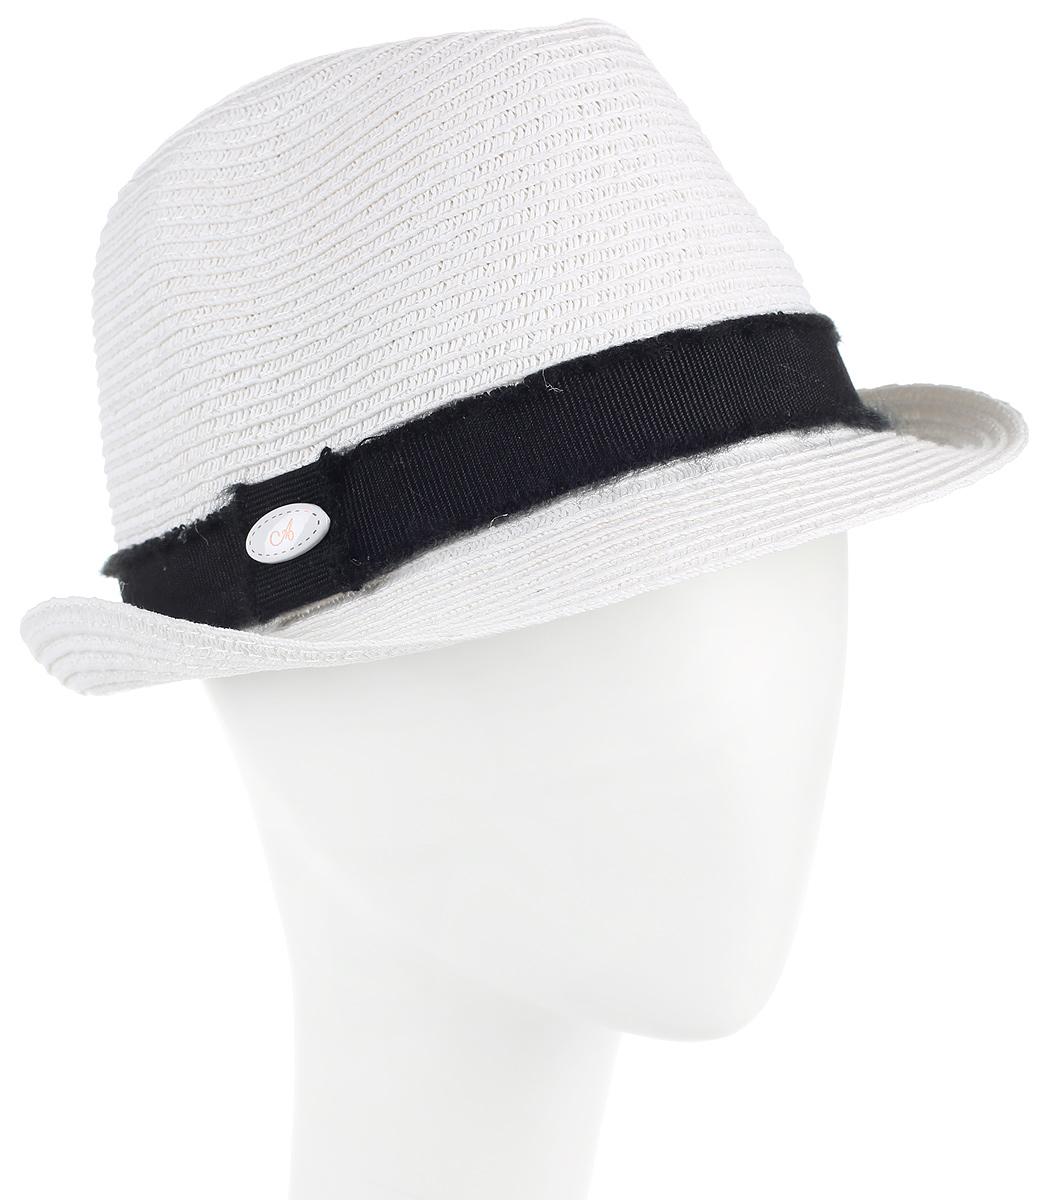 Шляпа женская Avanta, цвет: белый. 994555. Размер 55/56994555Женская шляпа Avanta изготовлена из бумажной нити с добавлением полиэстера. Модель оформлена кантом контрастного цвета и овальным декоративным элементом. Прекрасный головной убор для лета из натуральных материалов. Размер, доступный для заказа, является обхватом головы.